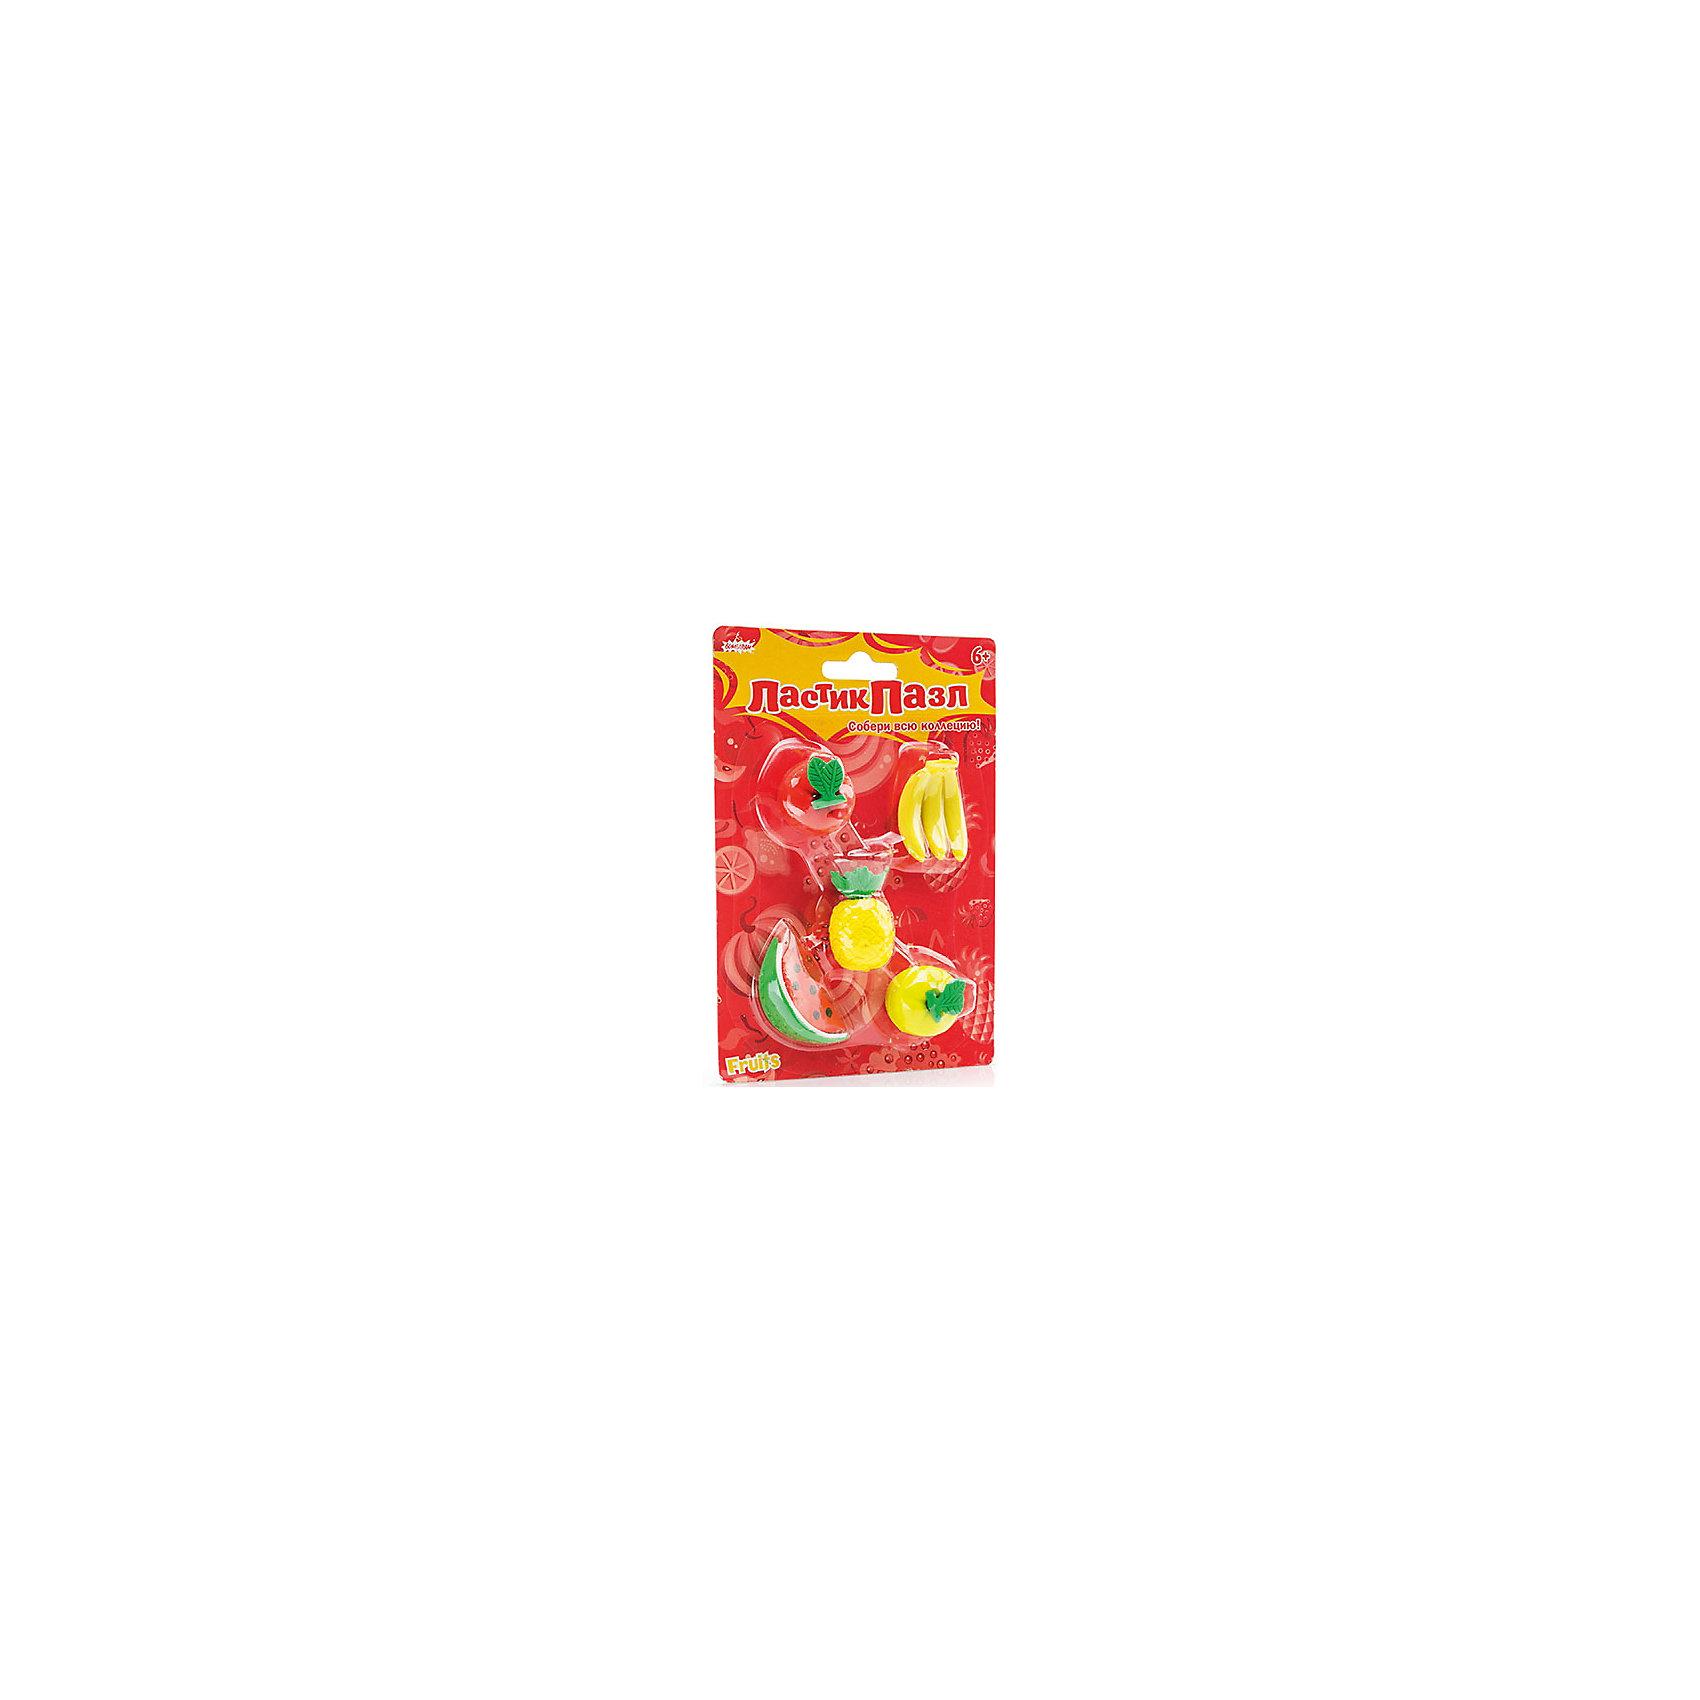 Набор Ластик-пазл - Фруктовое ассорти БумбарамНабор Ластики - пазлы на блистере Фруктовое ассорти, Бумбарам.<br><br>Характеристики:<br><br>• качественный ластик<br>• каждый ластик состоит из нескольких пазлов<br>• развивает внимательность, усидчивость и мелкую моторику<br>• яркий дизайн<br>• материал: резина<br>• размер фигурок: 3-4 см<br>• размер упаковки: 13,5х9,5 см<br>• вес: 85 грамм<br><br>Ластики-пазлы Фруктовое ассорти поможет ребенку вспомнить названия фруктов, которые ему предстоит разобрать, а затем снова собрать. В наборе 4 вида фруктов: долька арбуза, яблоко, ананас, бананы. Этот вид игры поможет развить усидчивость, мелкую моторику и внимательность. Фруктовое ассорти поможет ребенку обучаться и развиваться!<br><br>Набор Ластики-пазлы на блистере Фруктовое ассорти, Бумбарам можно купить в нашем интернет-магазине.<br><br>Ширина мм: 135<br>Глубина мм: 95<br>Высота мм: 50<br>Вес г: 85<br>Возраст от месяцев: 72<br>Возраст до месяцев: 144<br>Пол: Унисекс<br>Возраст: Детский<br>SKU: 5054003